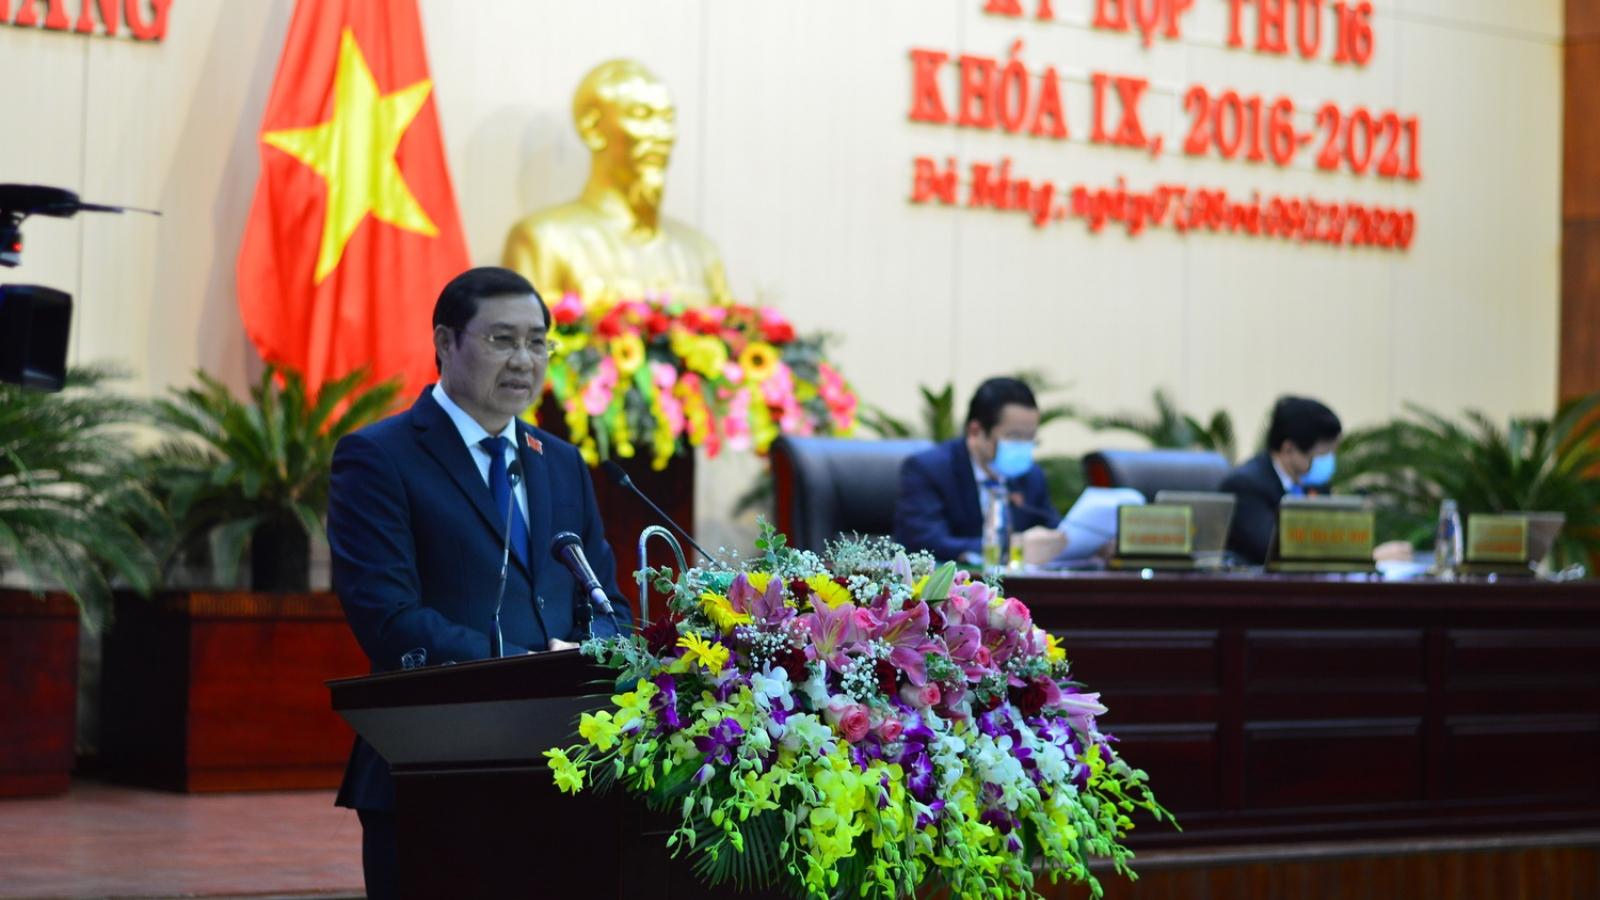 Chủ tịch Đà Nẵng: Mong nhiệm kỳ tới tập trung khơi thông nguồn lực đất đai